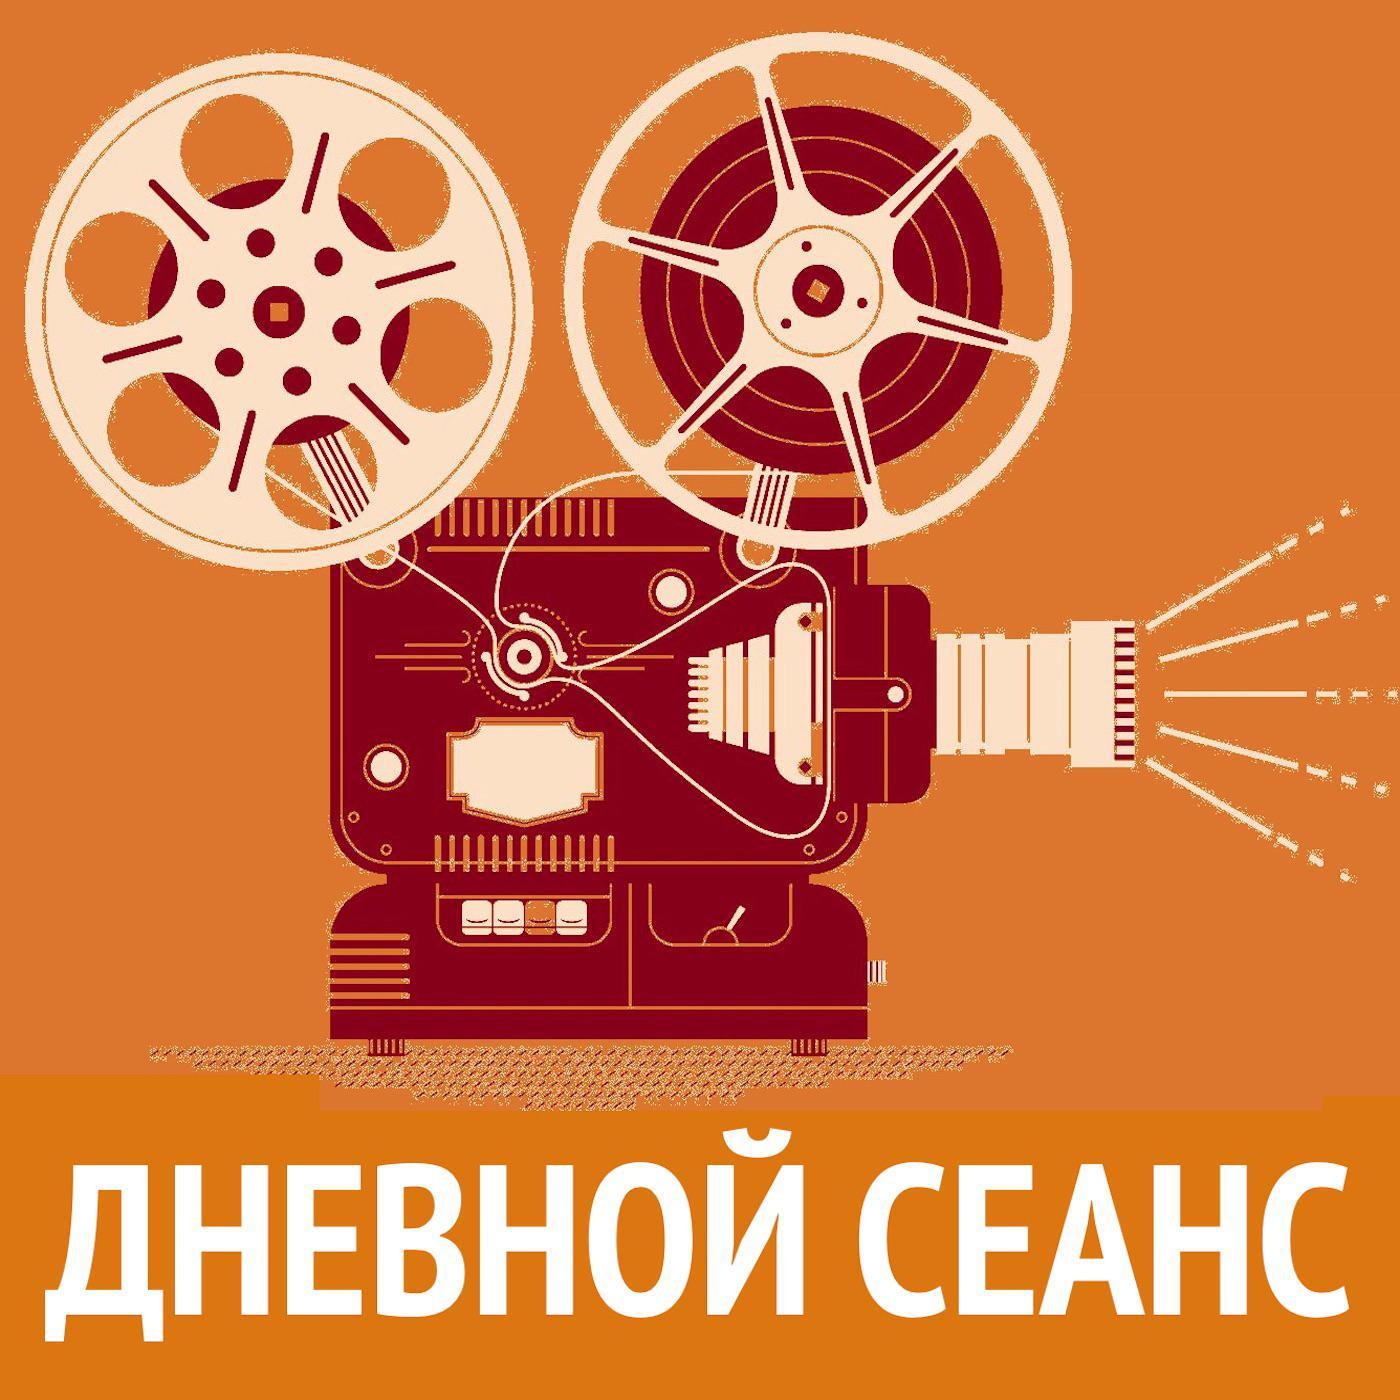 Илья Либман Гость программы Дневной Сеанс кинодокументалист Наталья Кирилова, которая только что вернулась из Сочи сеанс guide российские фильмы 2007 года